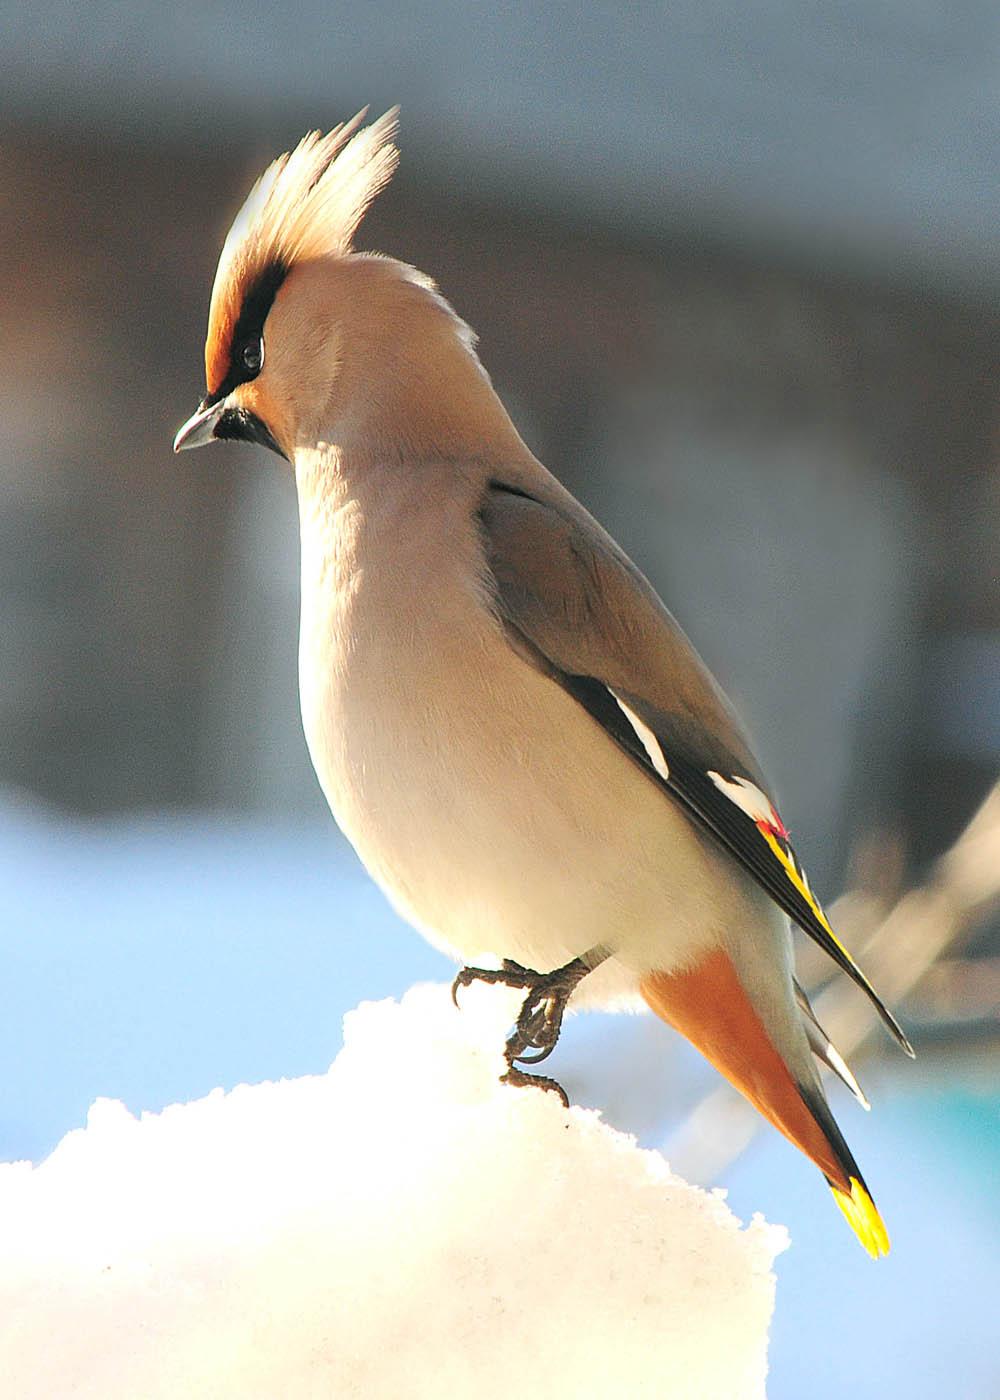 всего, хохлатые птицы приморского края фото только